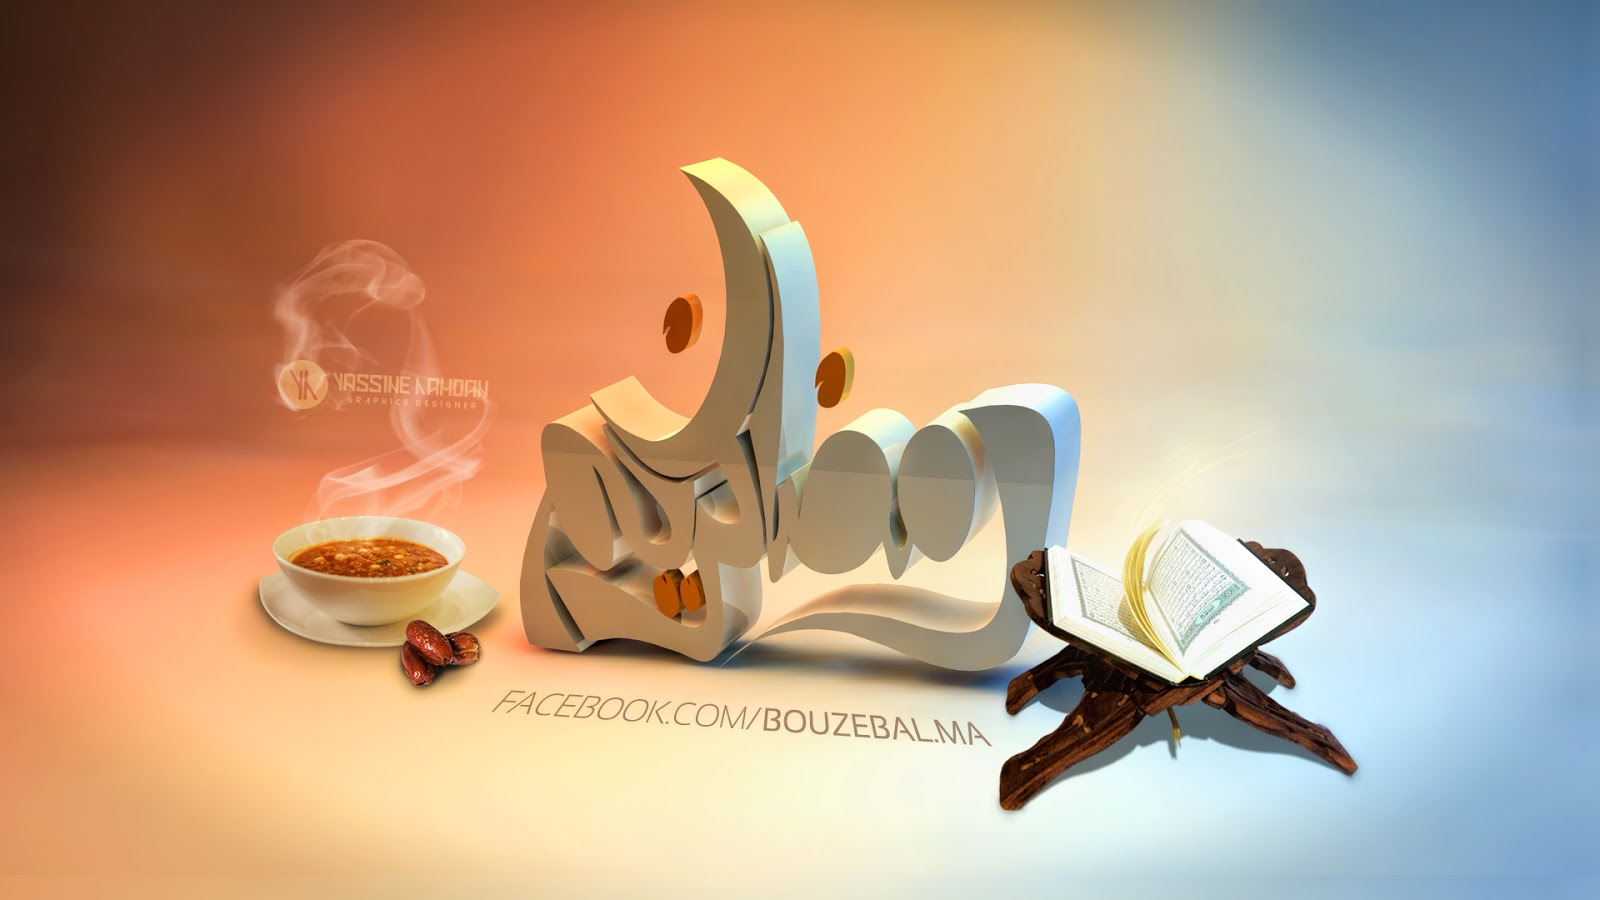 51 Koleksi Gambar Keren 3d Islami HD Terbaik